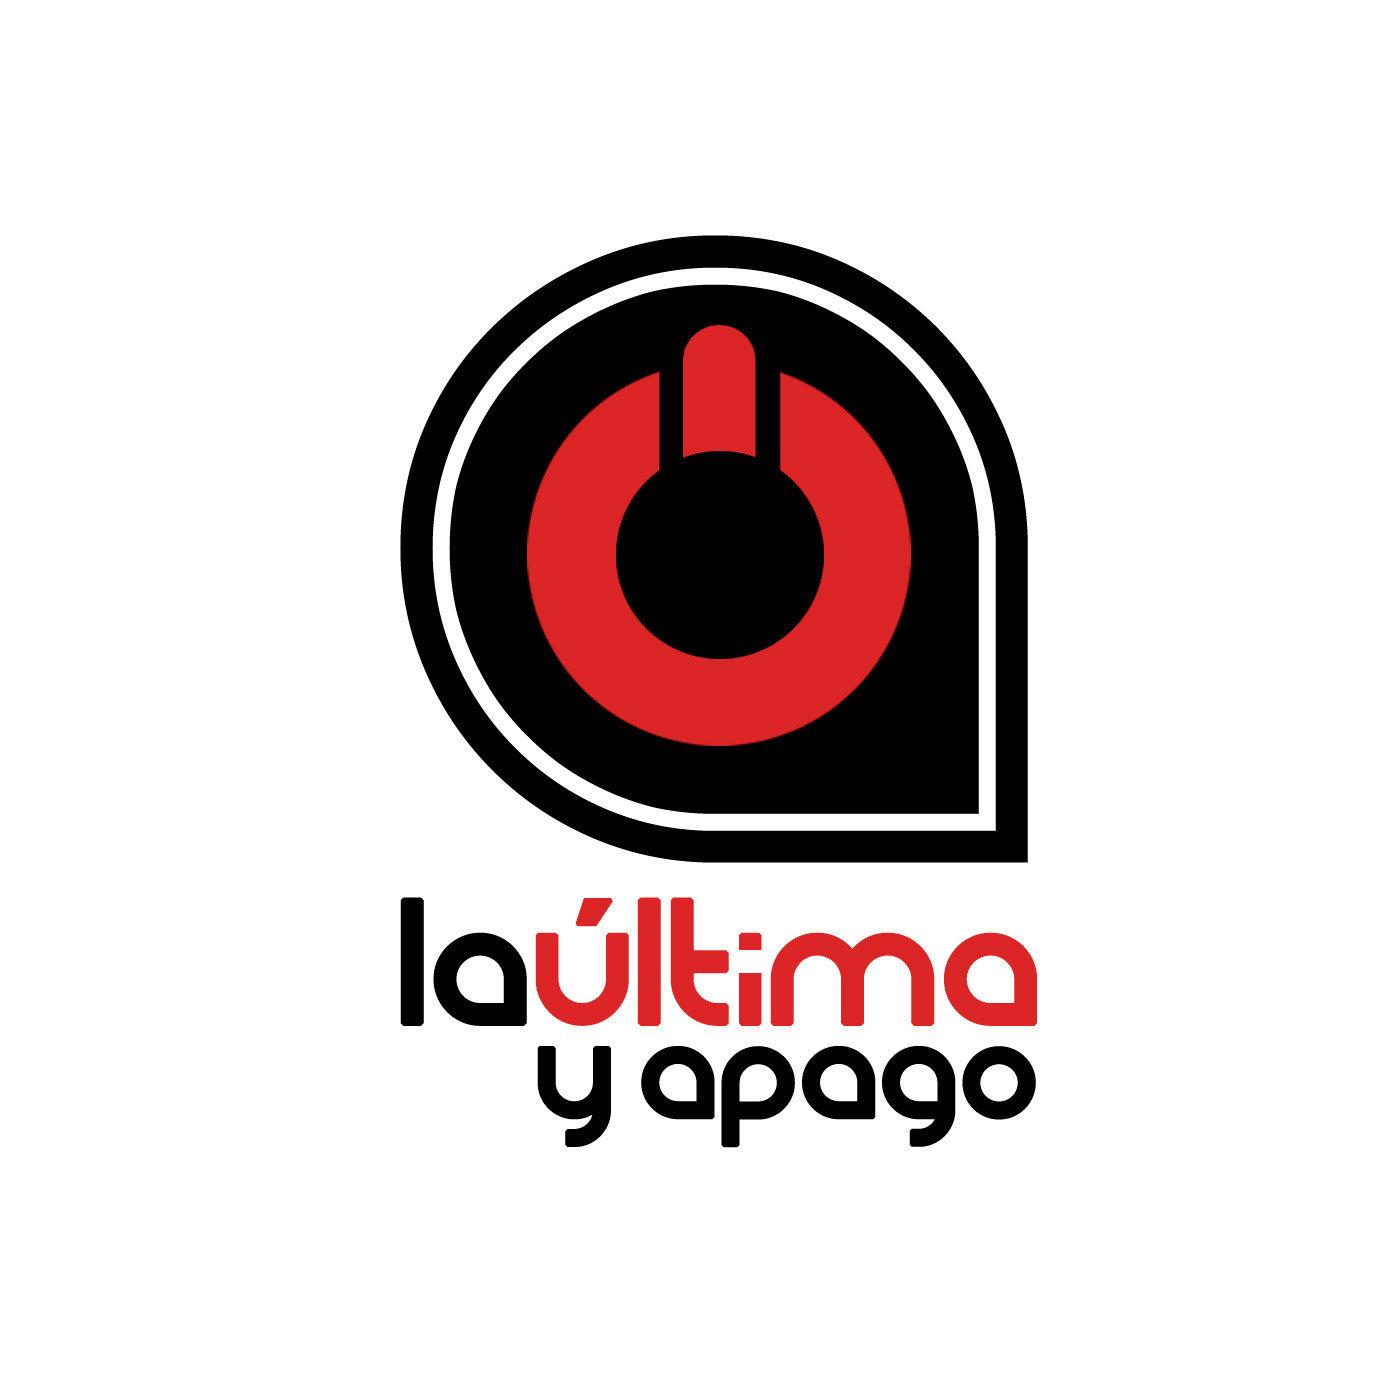 Logo de Podcast de La última y apago